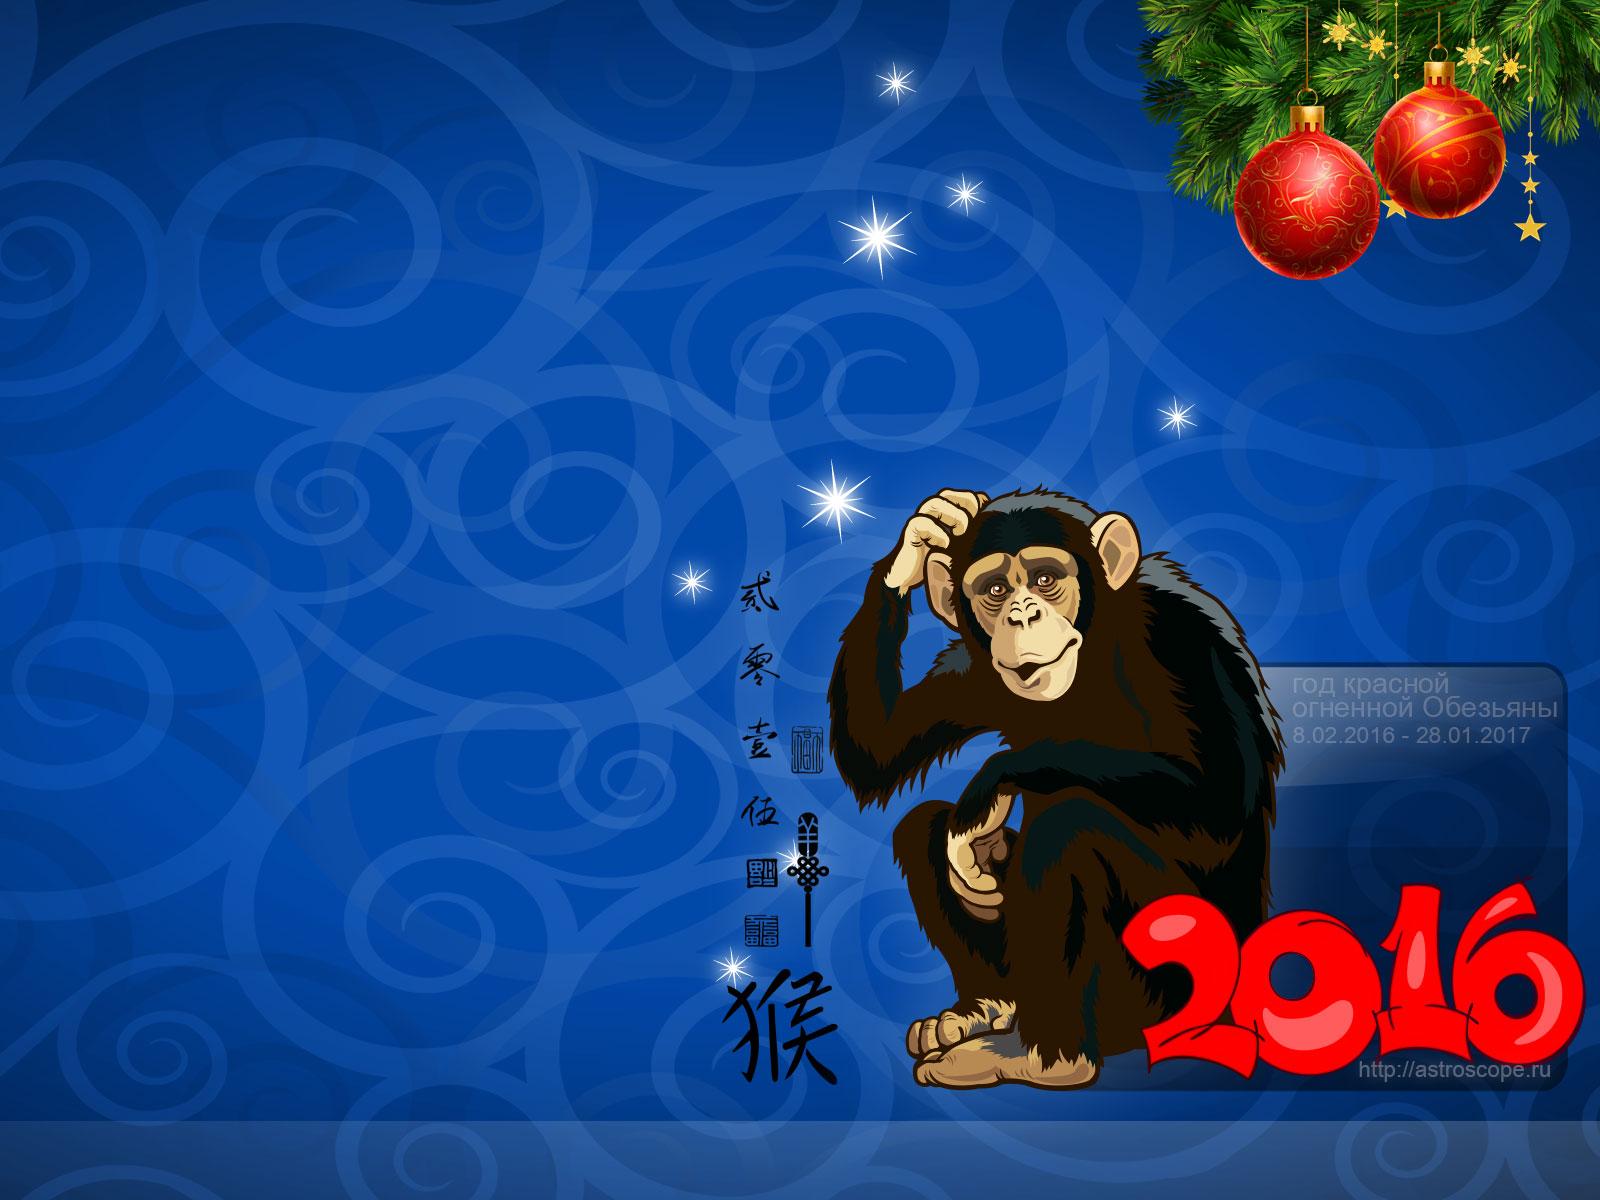 Красивые картинки для нового года обезьяны